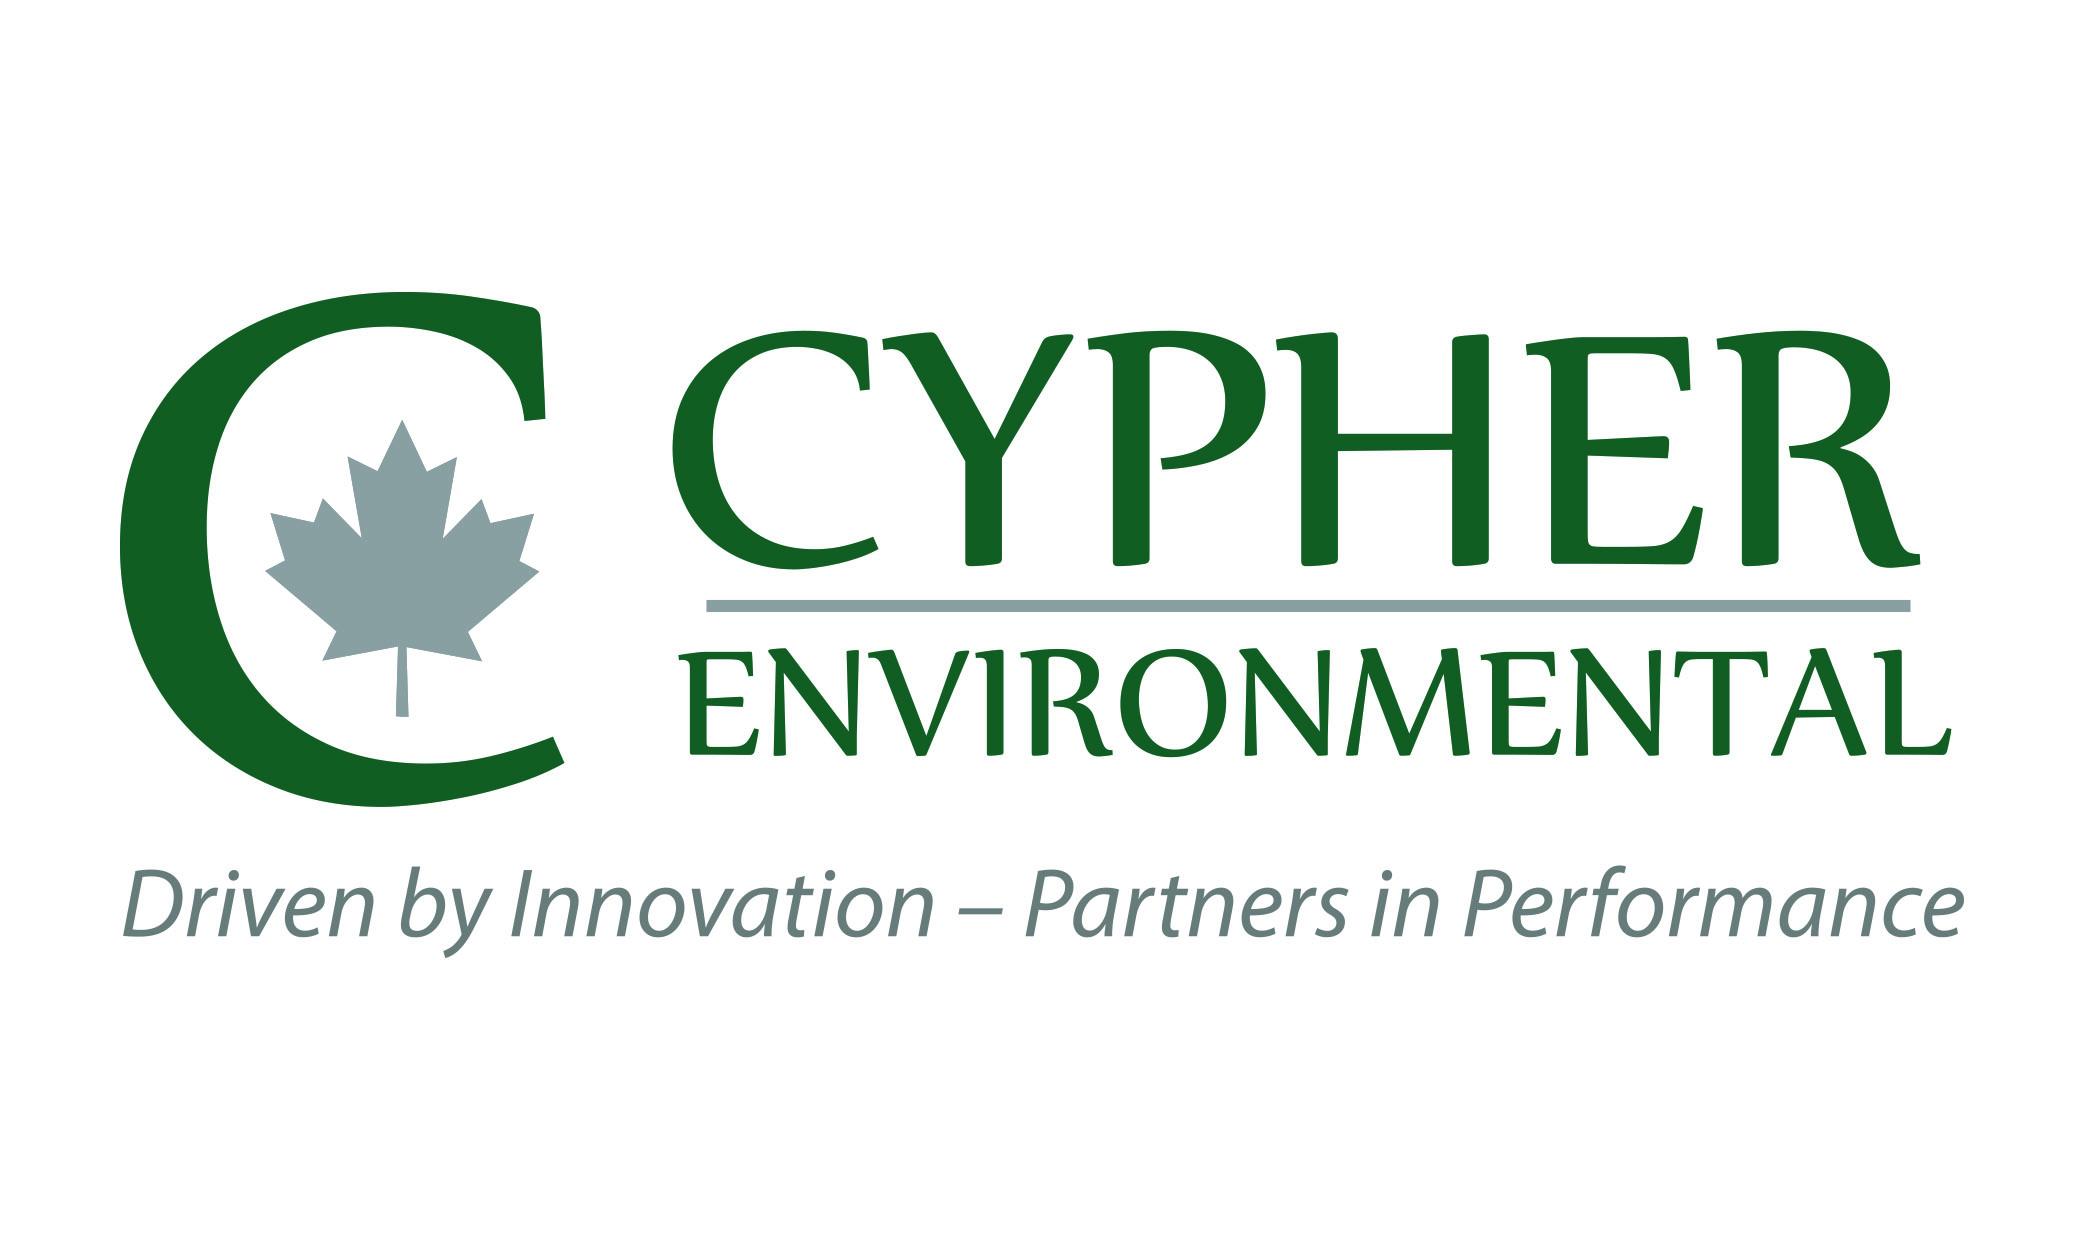 Cypher Environmental